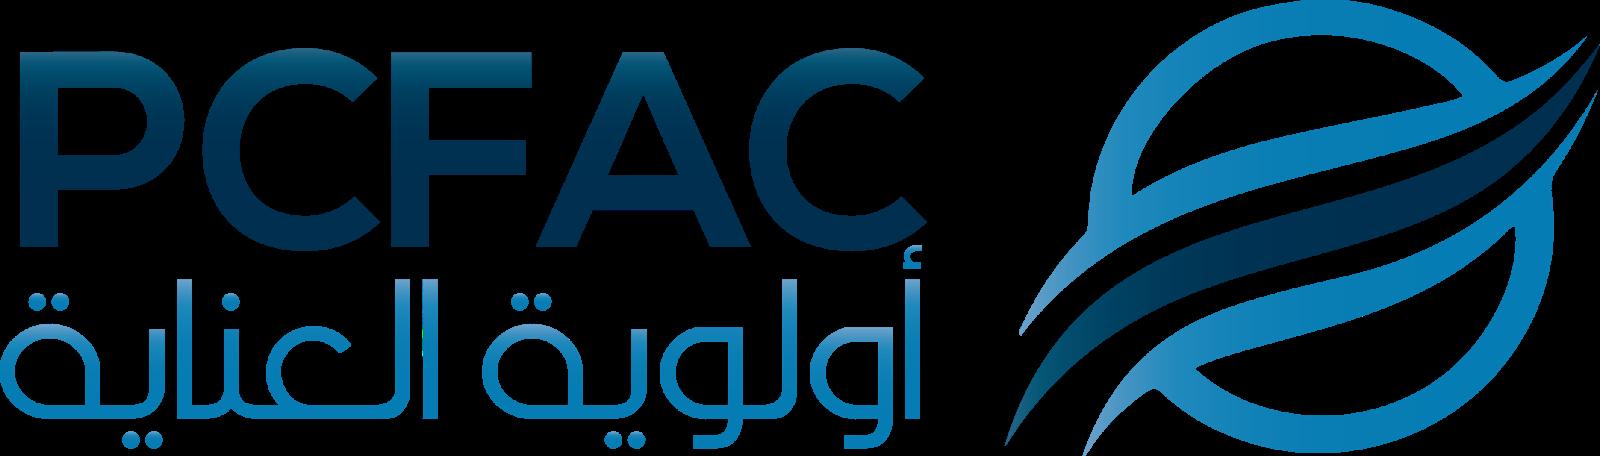 عربي - صفحة واحدة